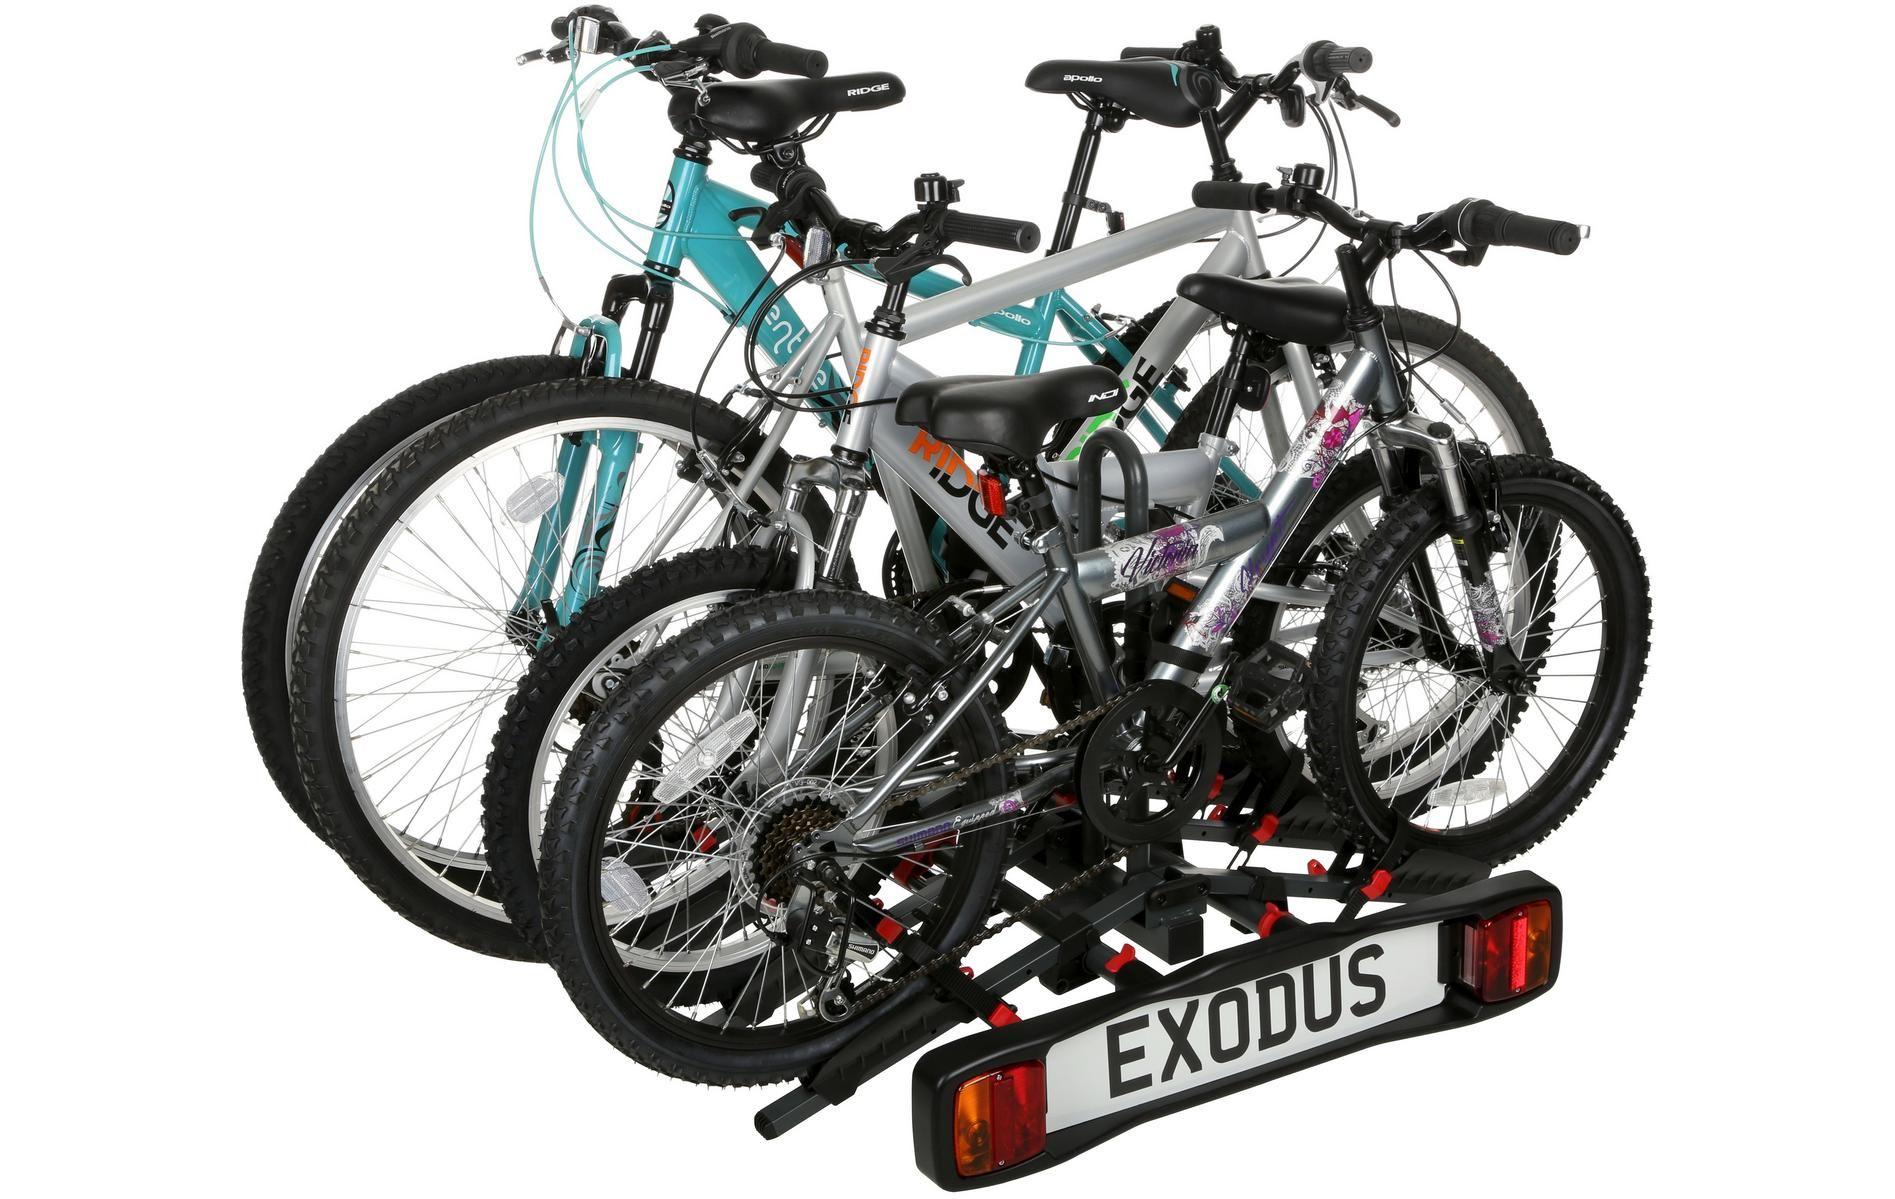 Exodus 4 Bike Towbar Mounted Cycle Carrier Bike Rack Bike